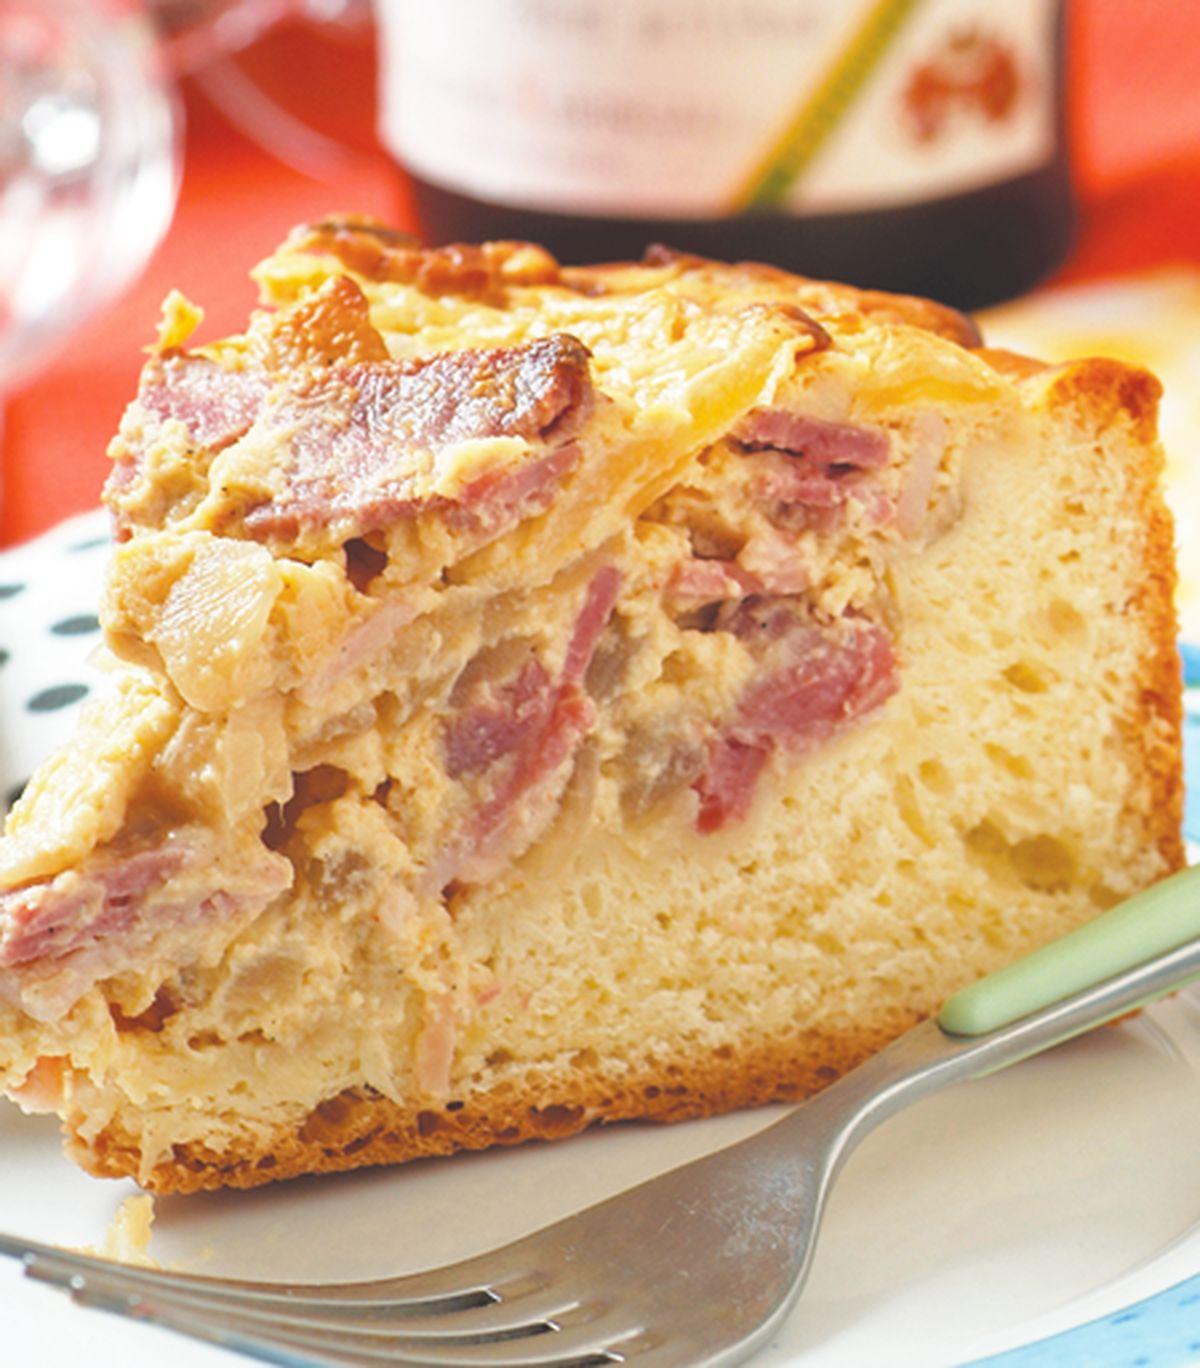 食譜:洋蔥蛋糕